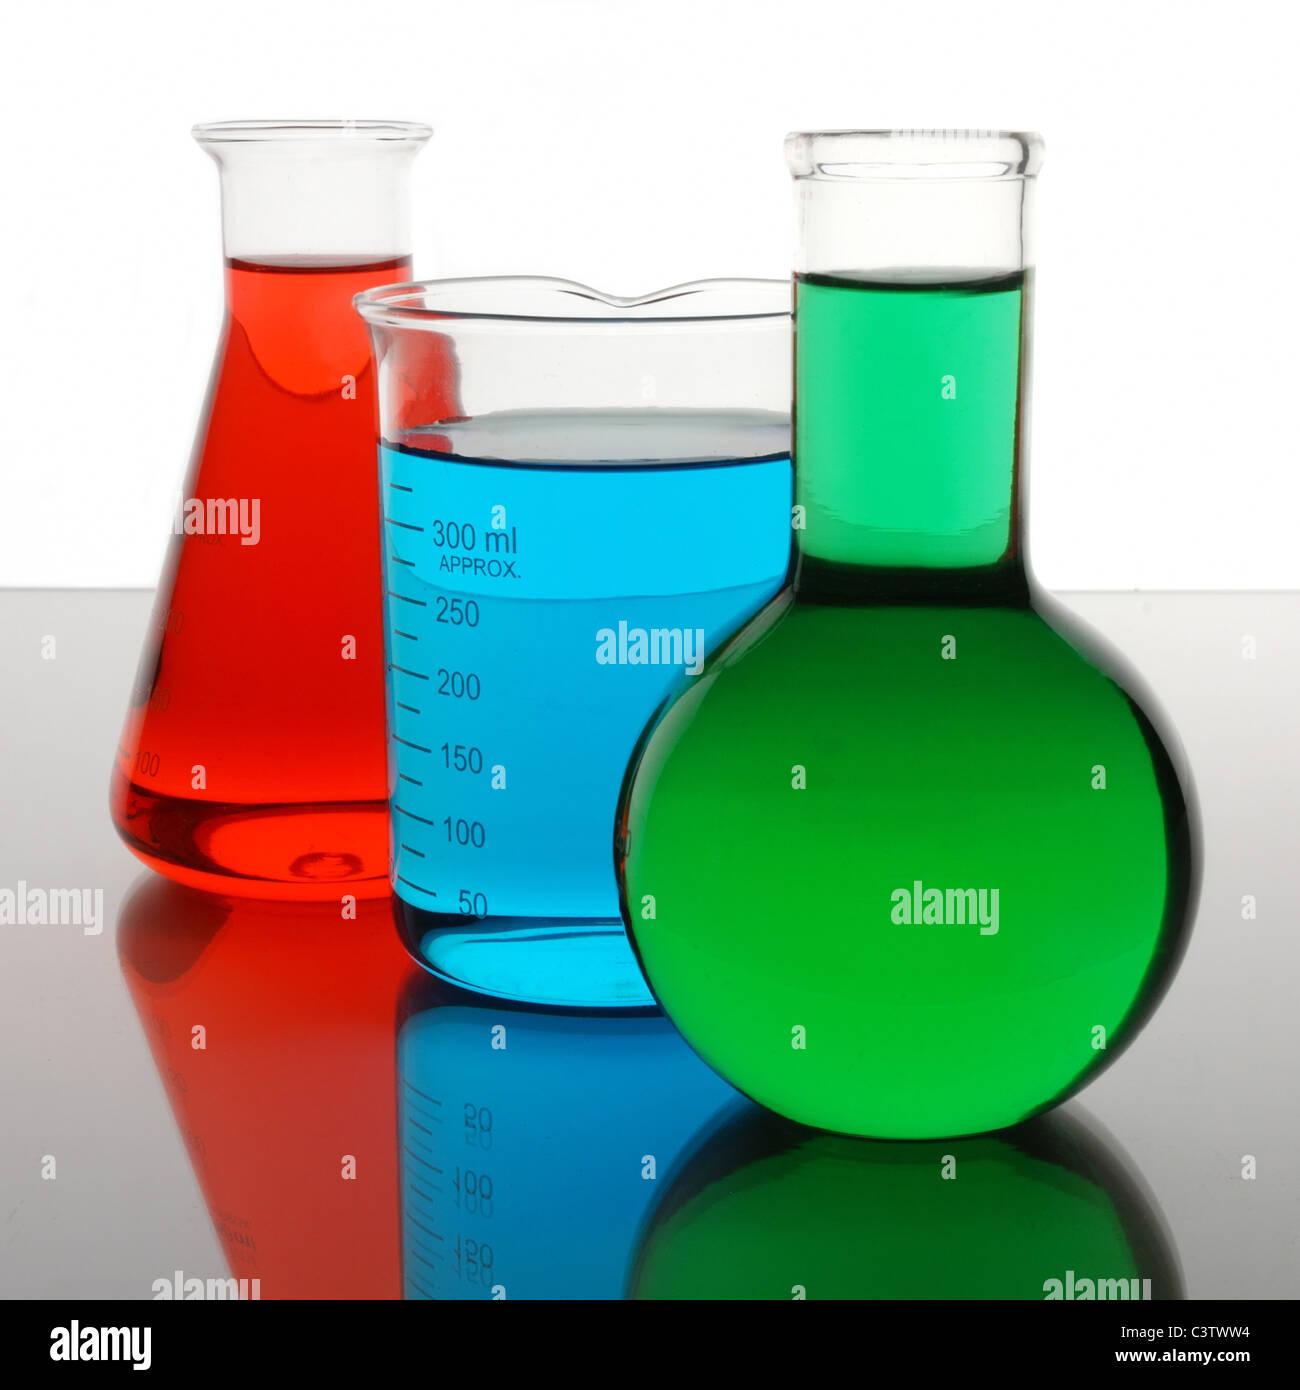 Labor-Becher und Flaschen, die rote, blaue, grüne Flüssigkeiten enthalten Stockbild